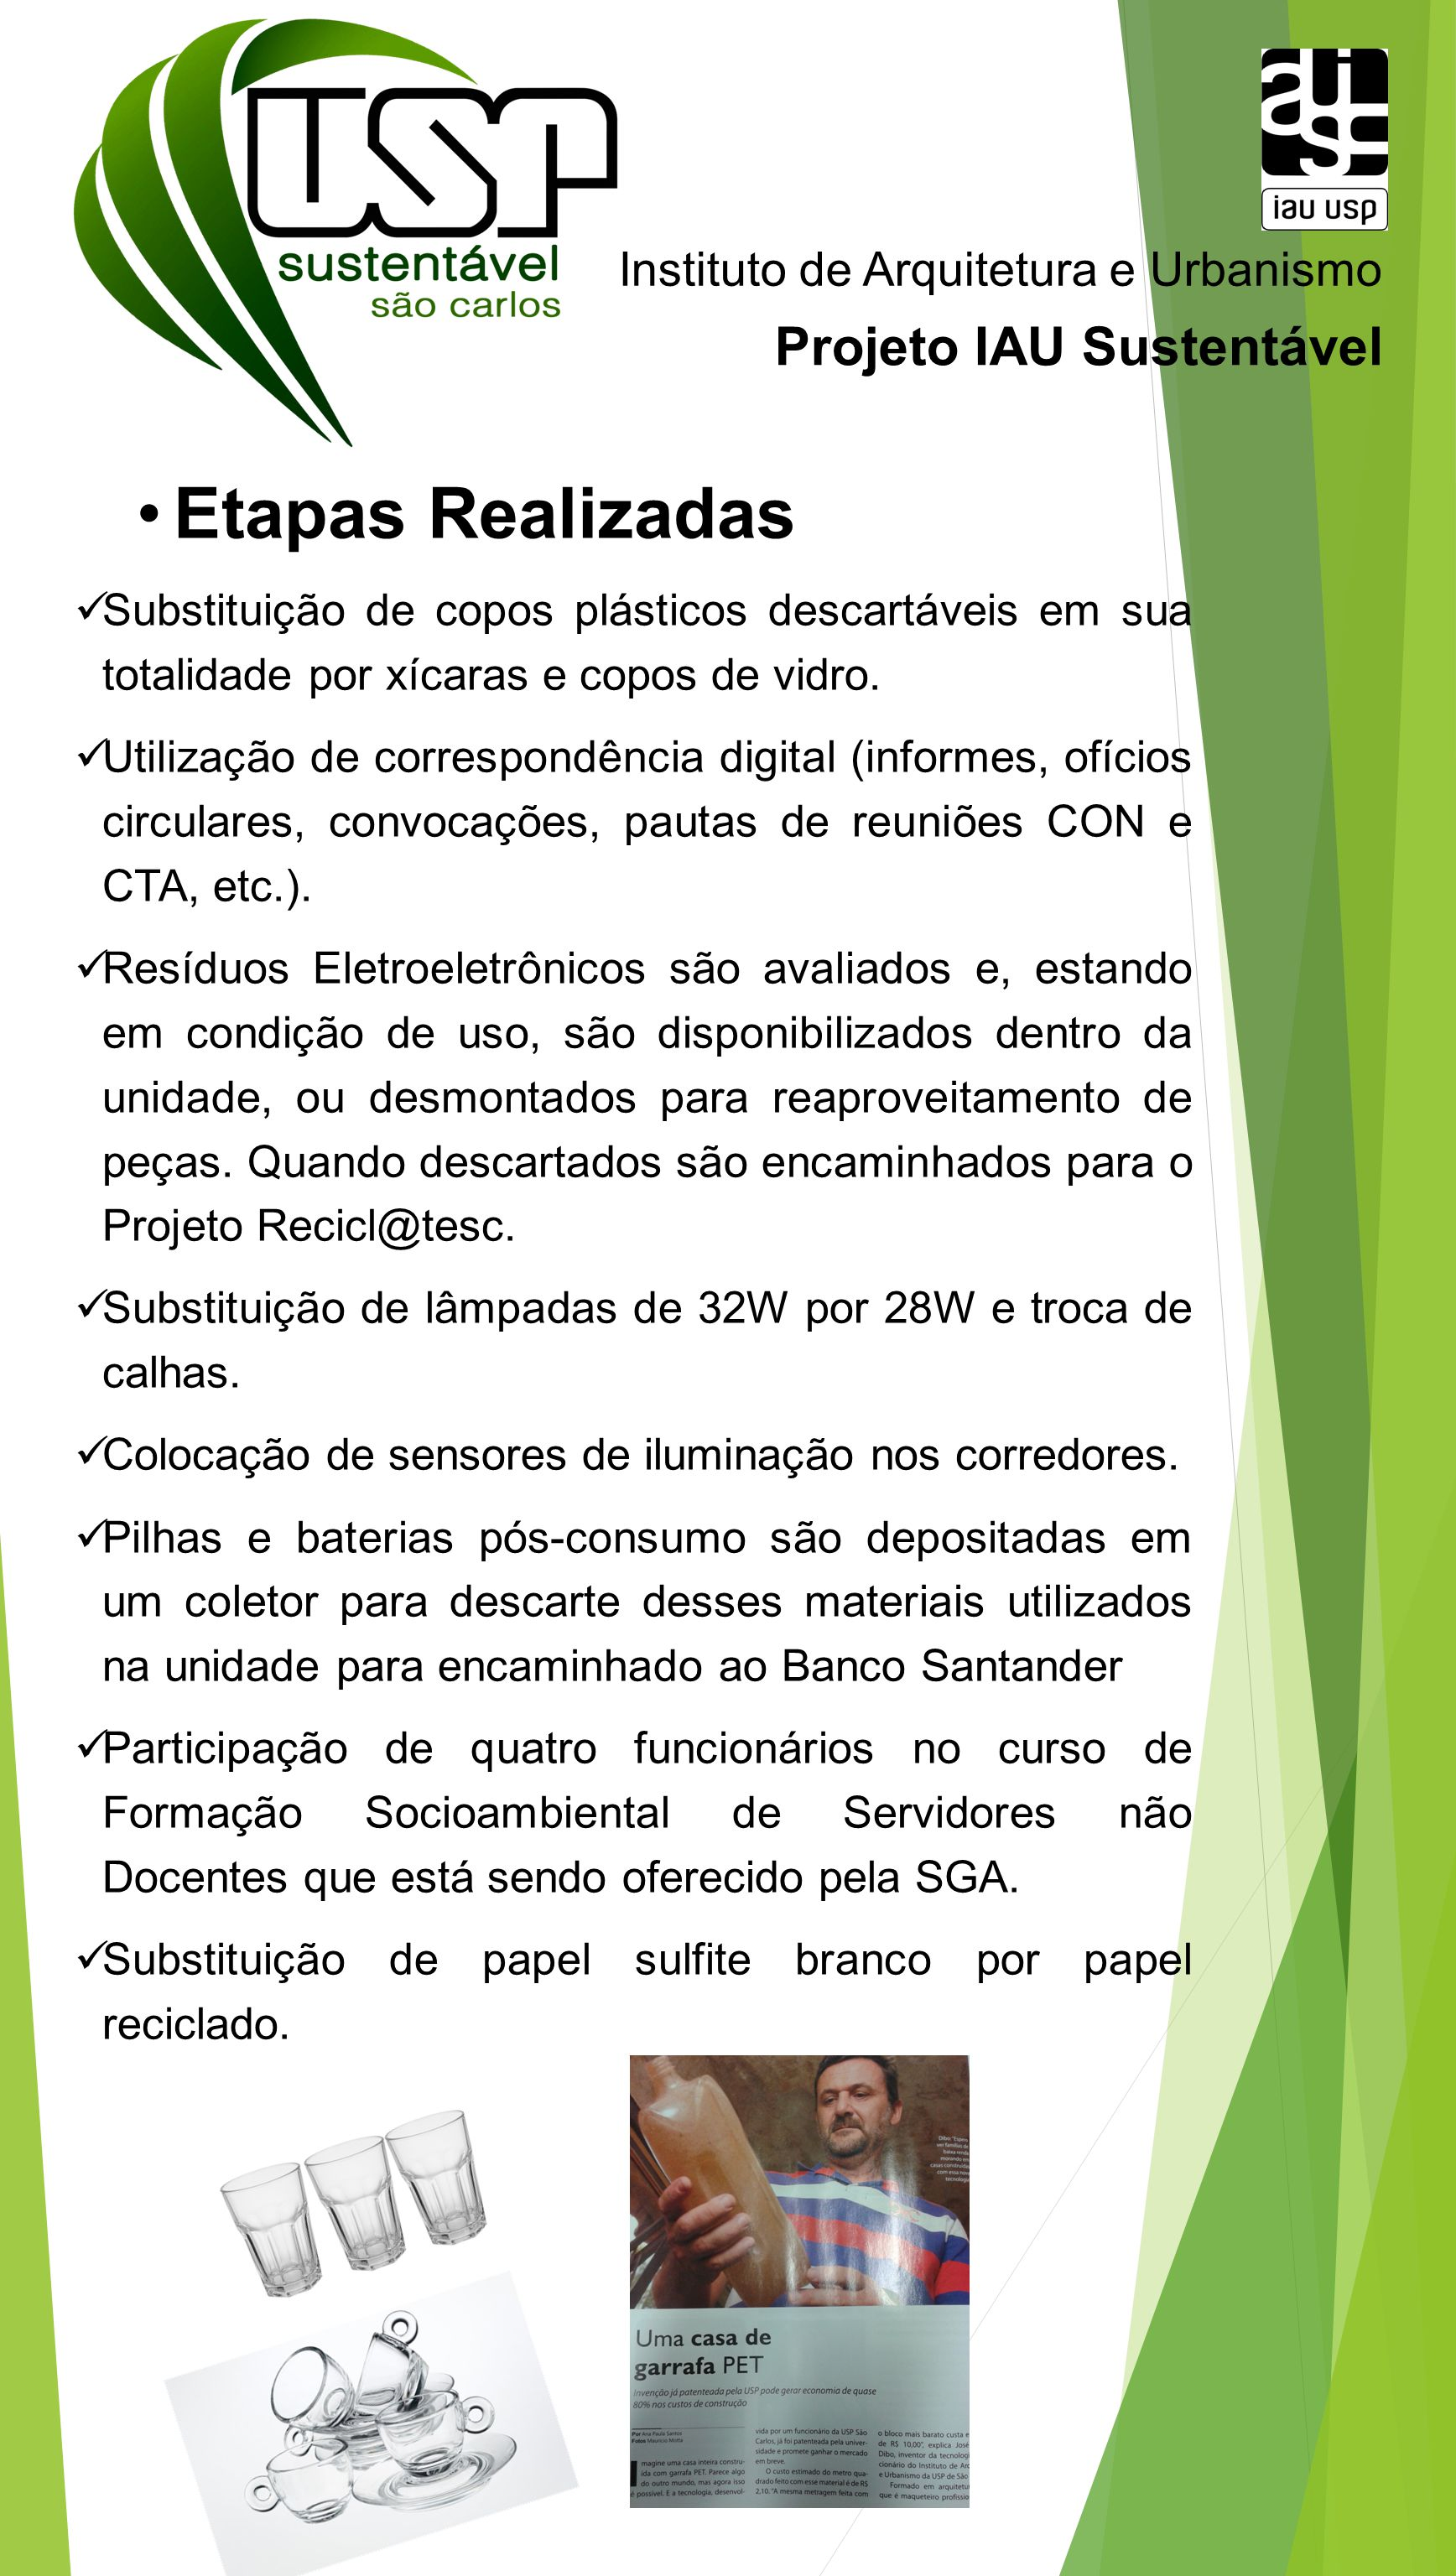 Etapas Realizadas Projeto IAU Sustentável